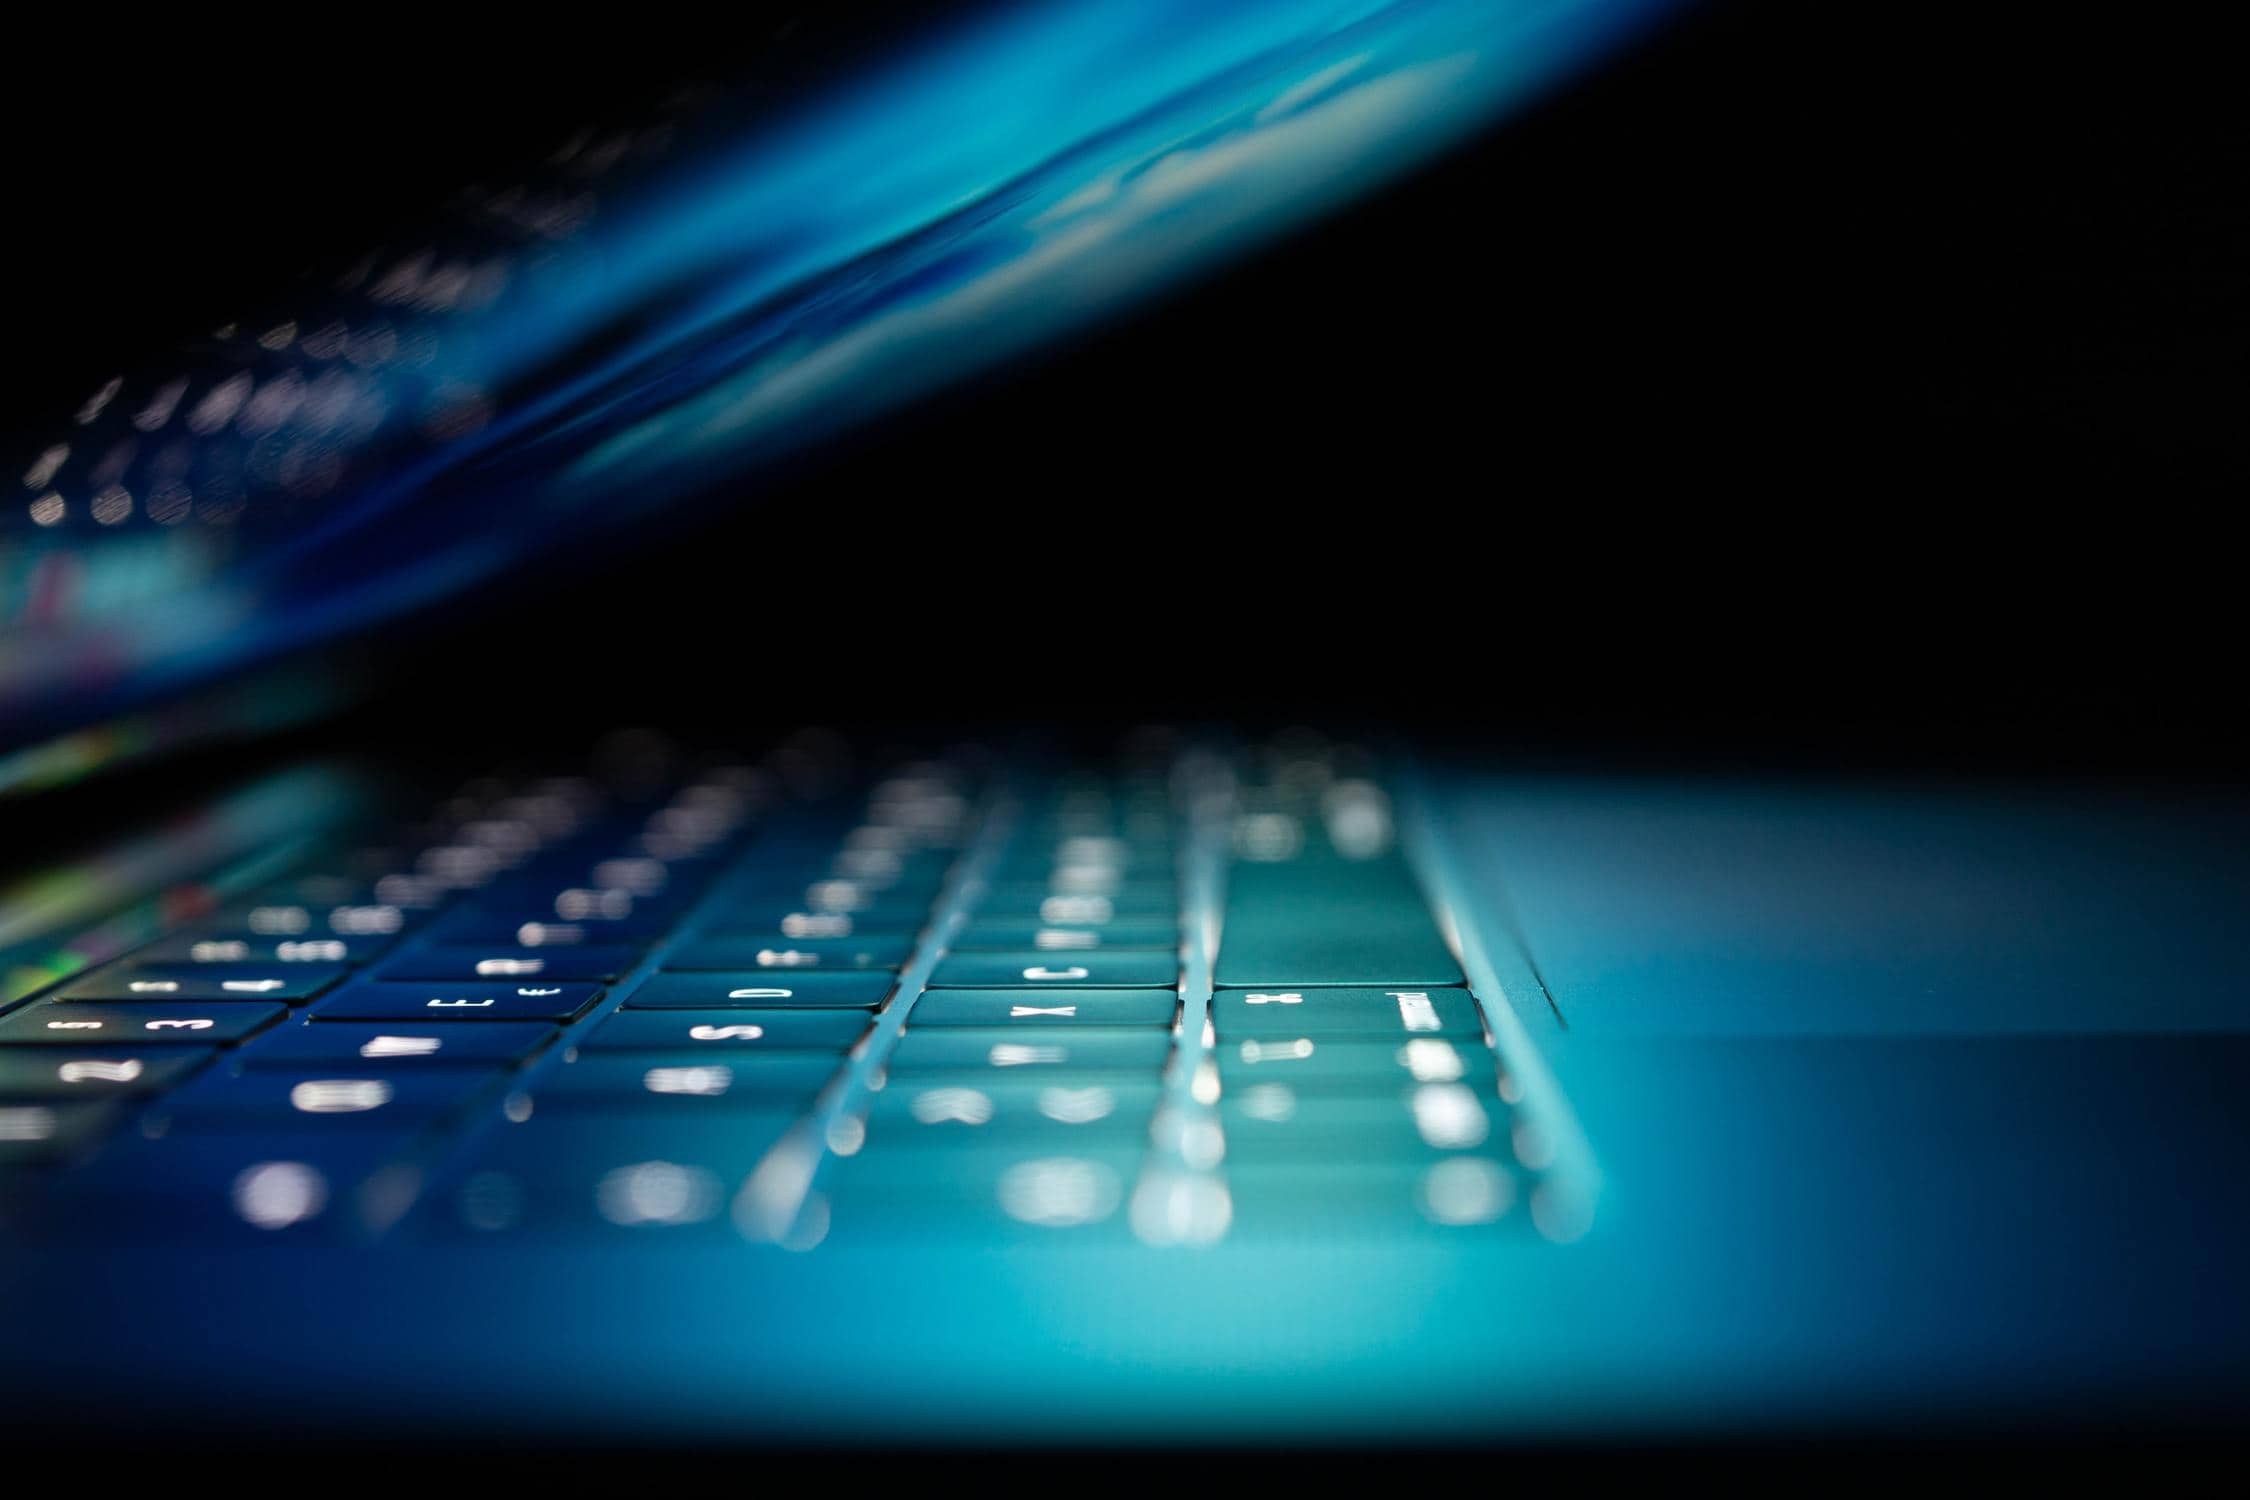 Eine Tastatur, in die ein sicheres Passwort eingegeben wird